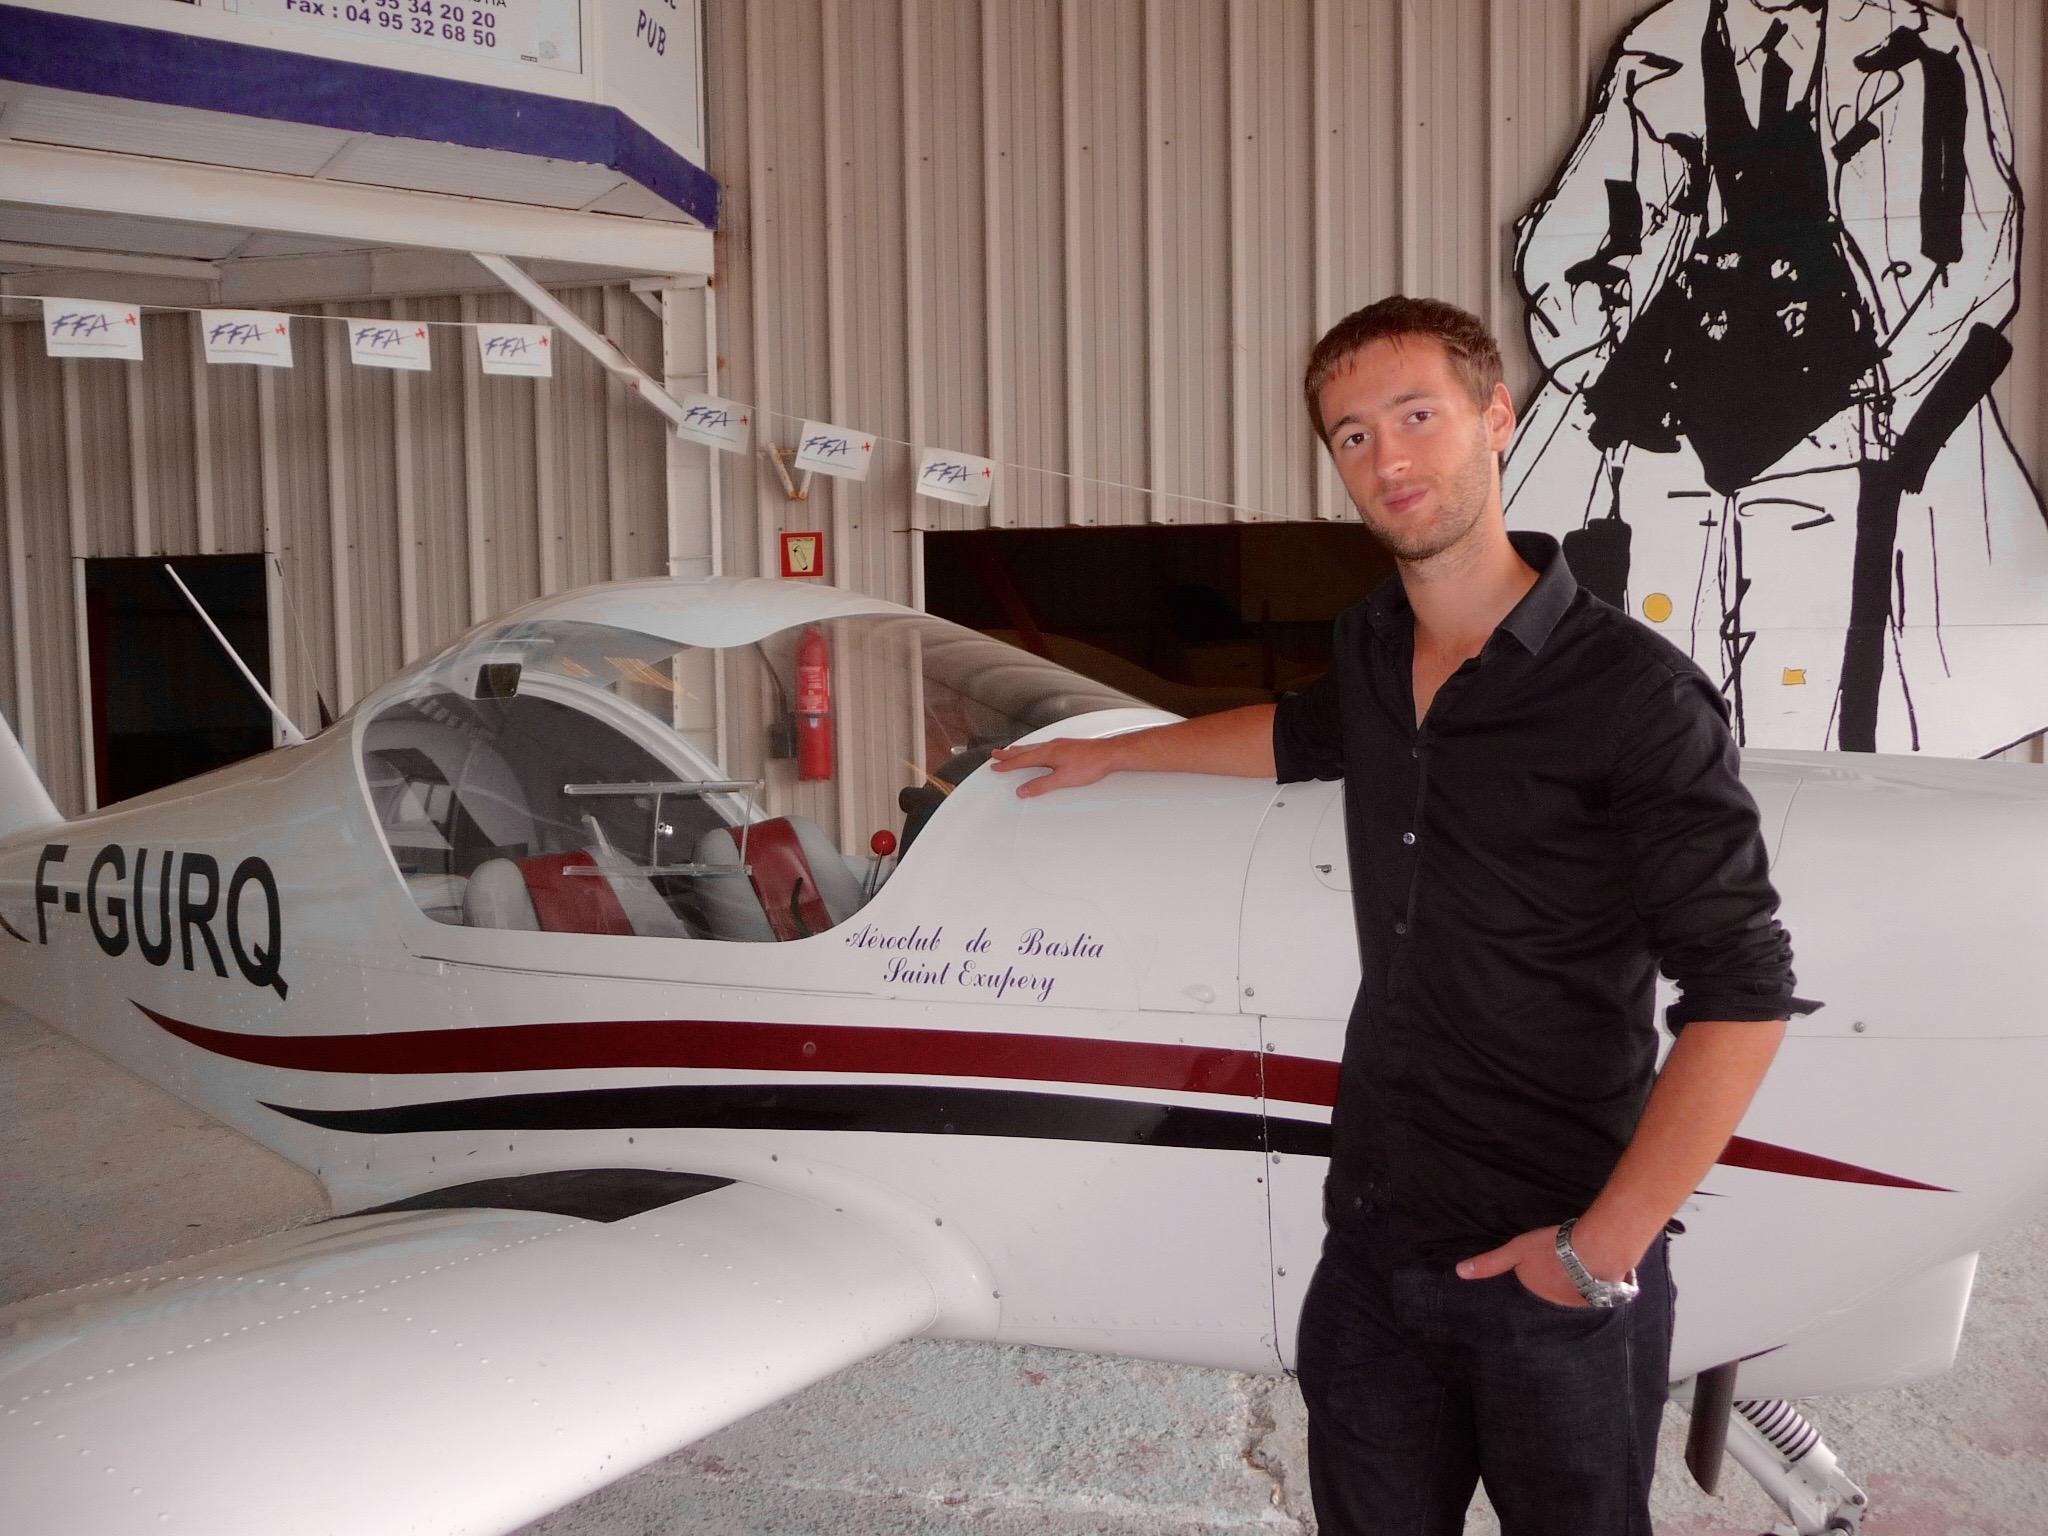 Contrôleur à Orly et pilote à Saint-Exupéry